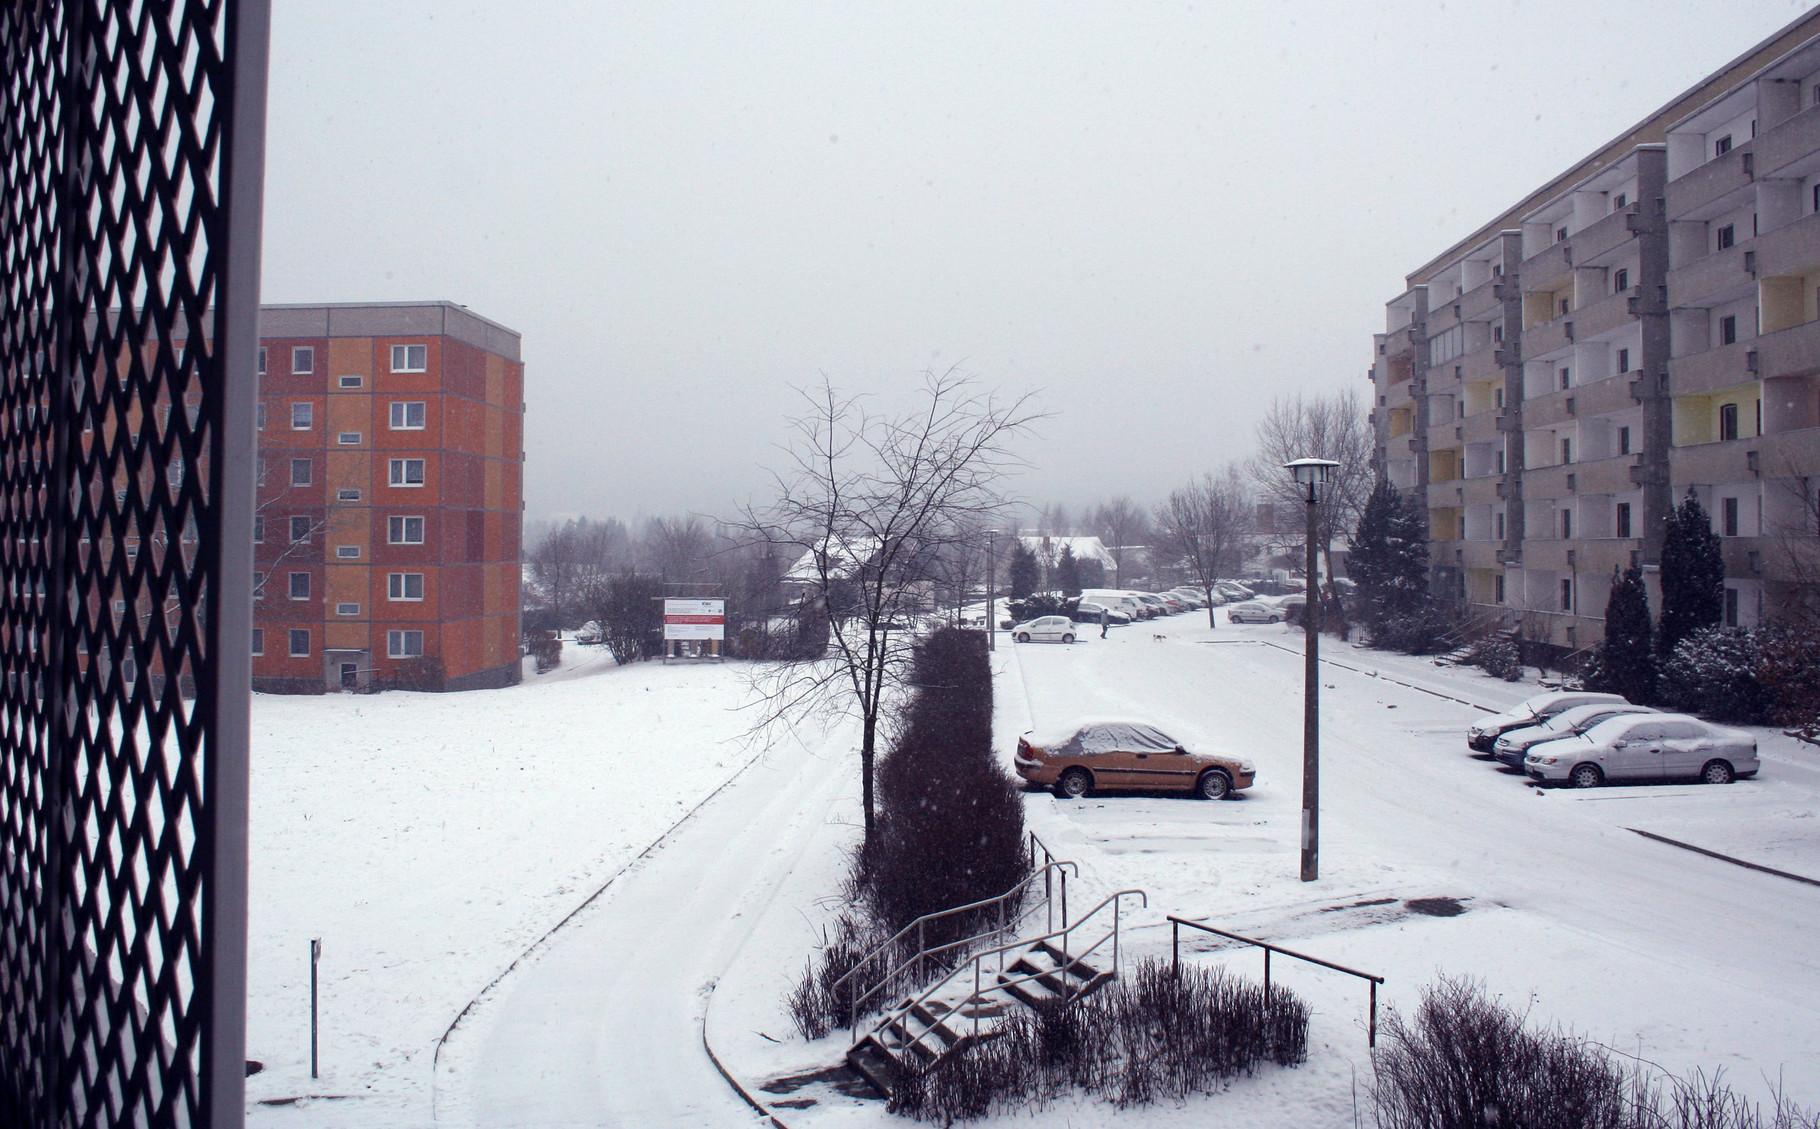 Nachahmung, Bild 53/53 Jahreszeiten in Balkonbildern